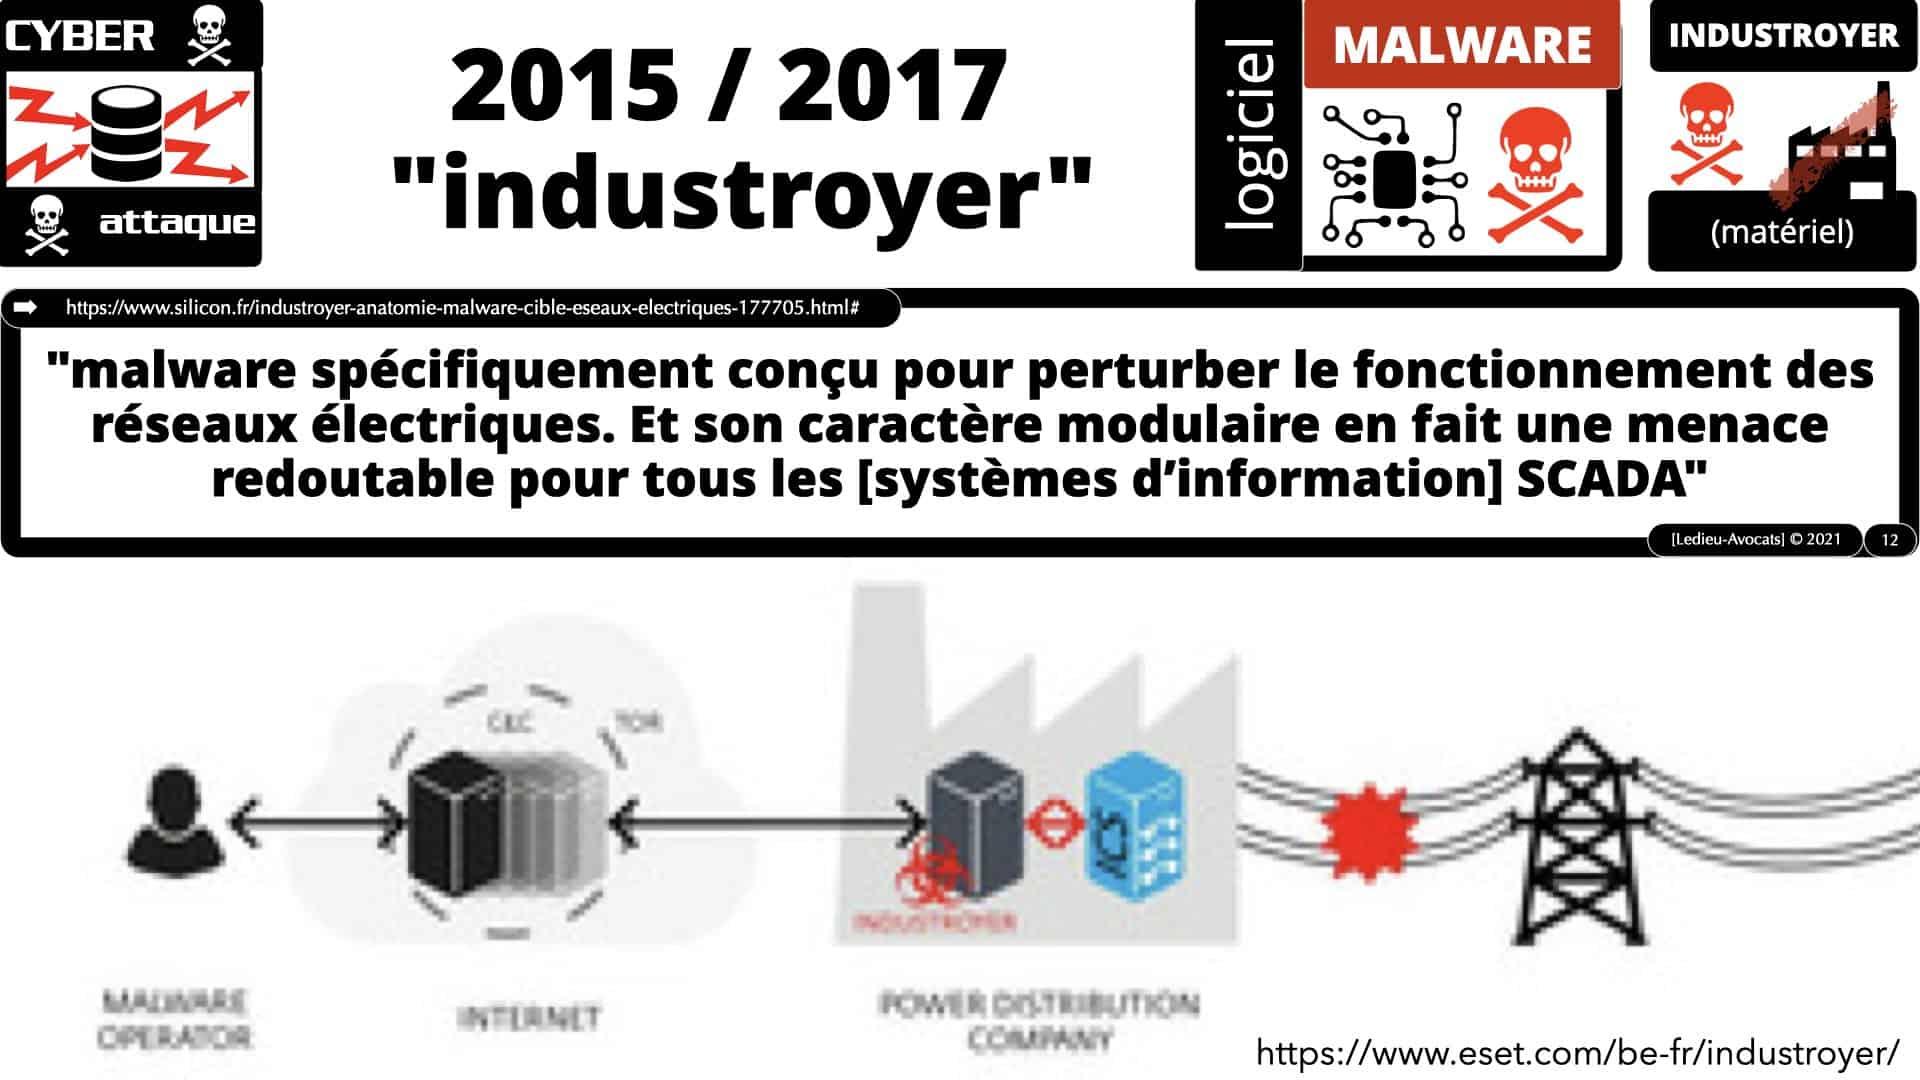 cyber attaques sur les systèmes industriels